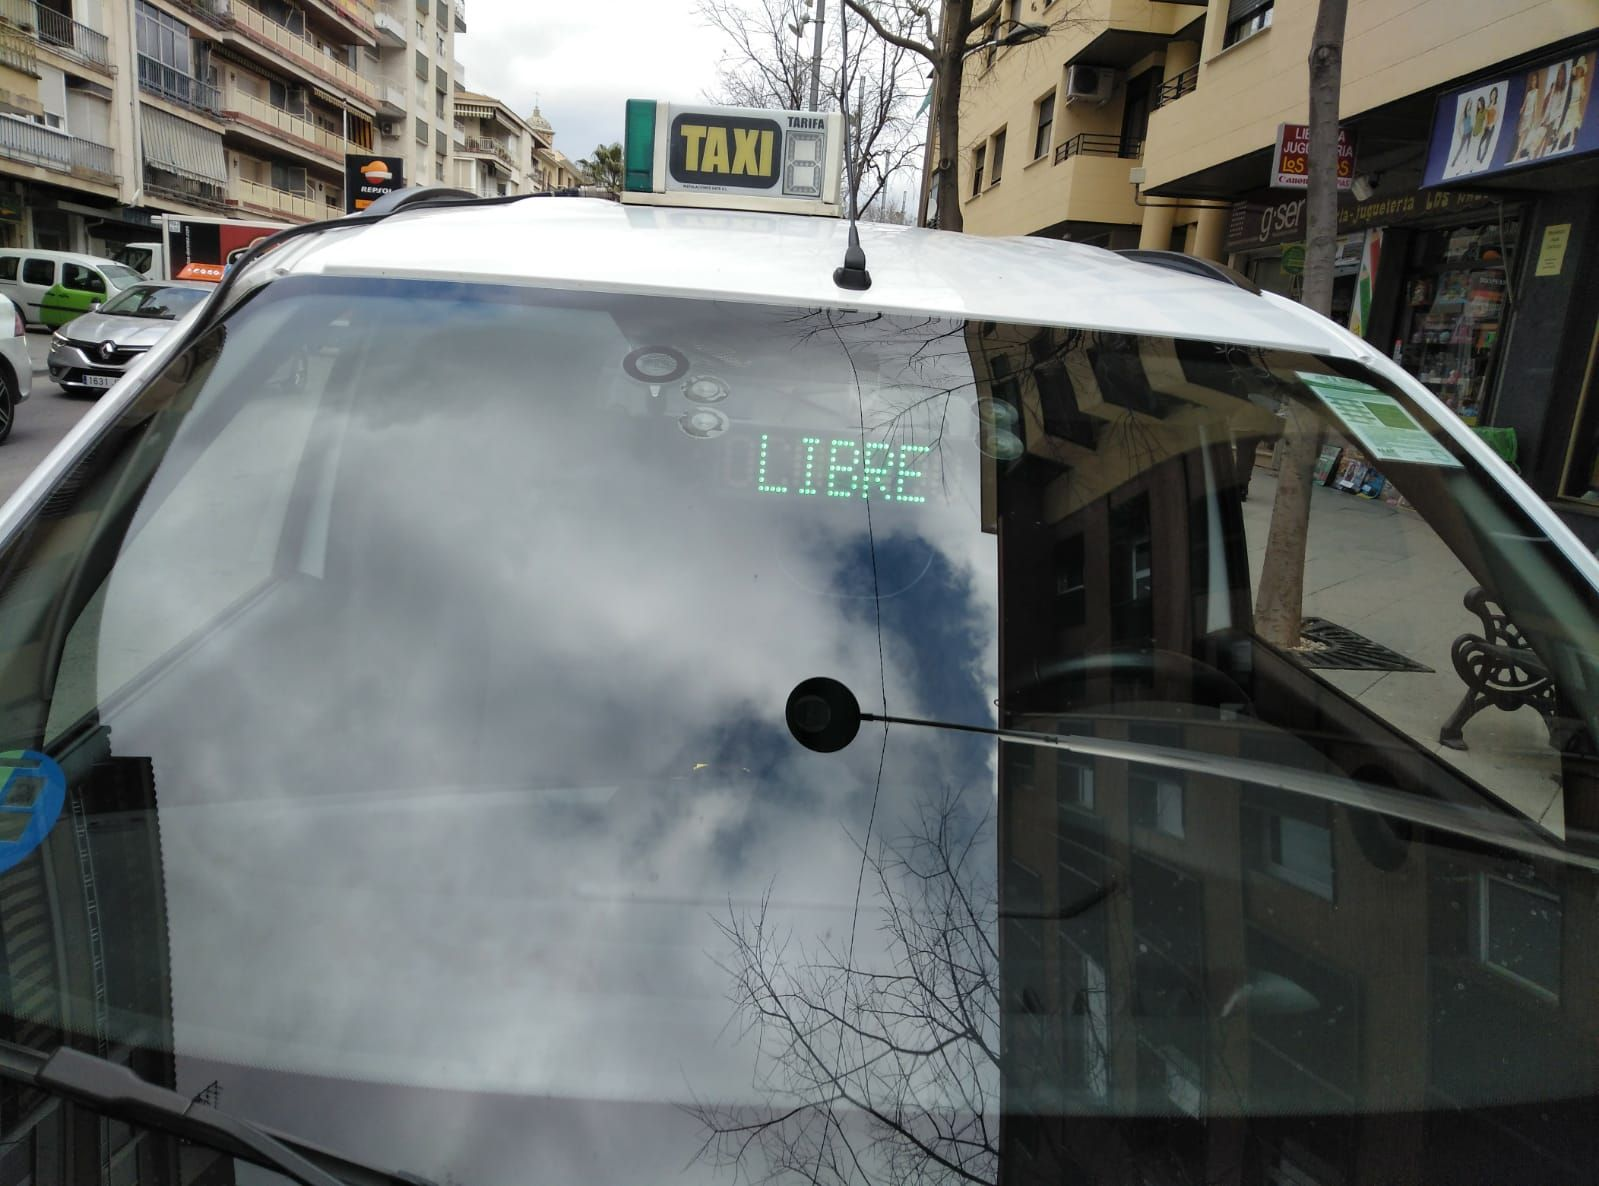 Servicio de taxi en Alcalá la Real